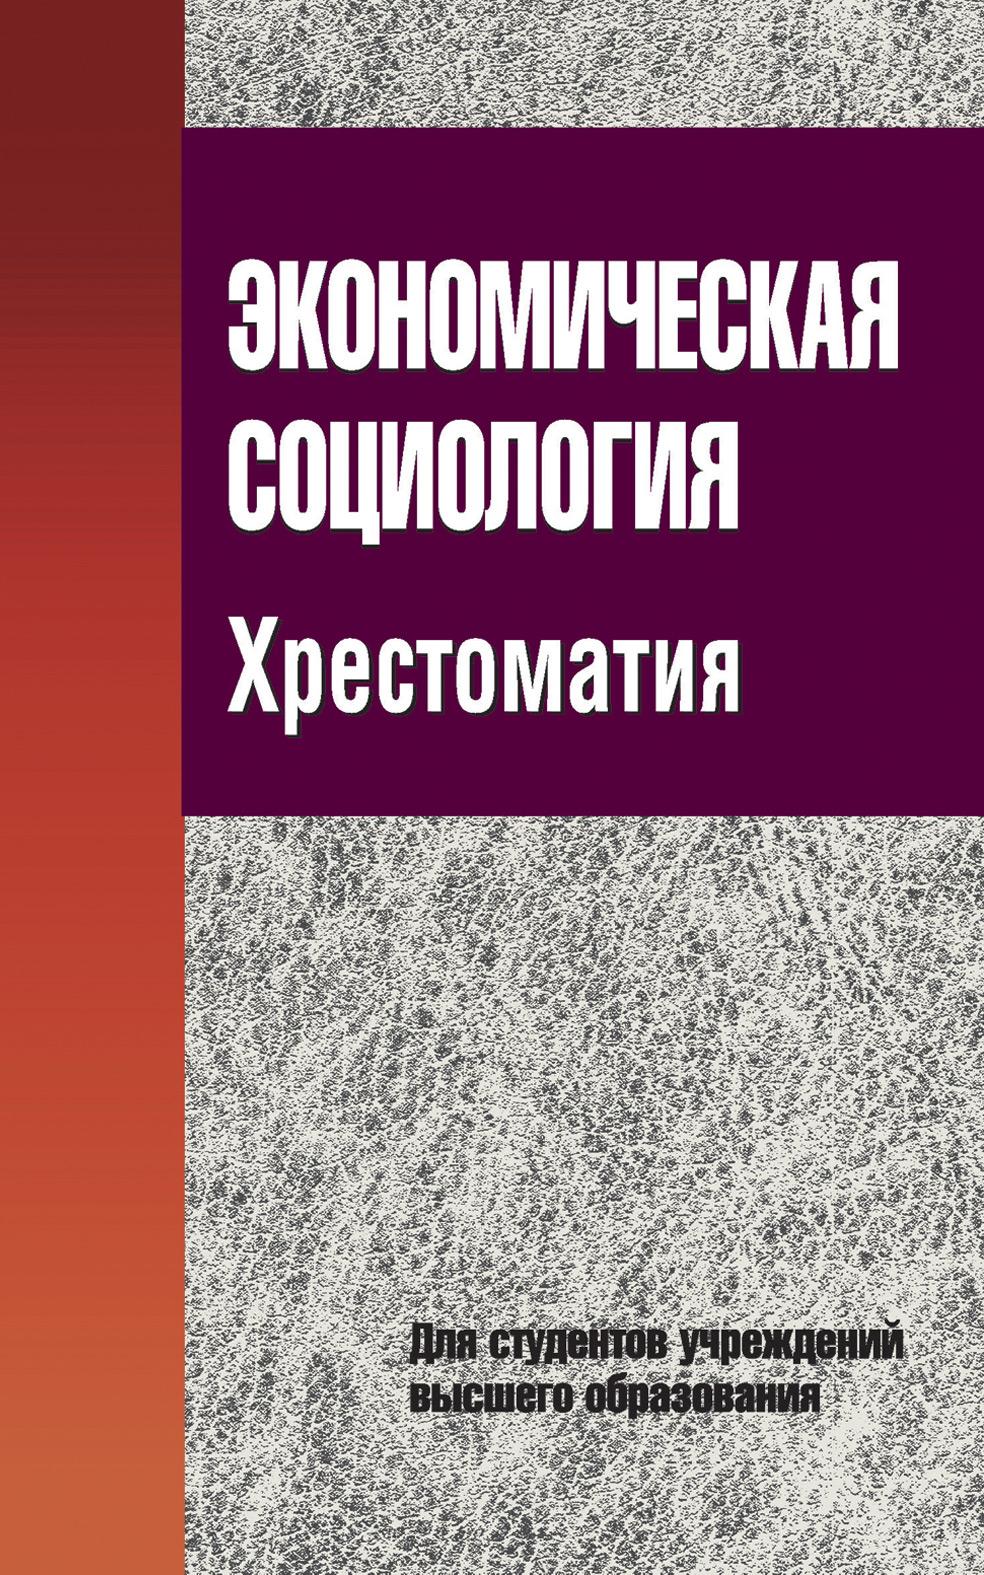 Г. Н. Соколова Экономическая социология. Хрестоматия г н соколова экономическая социология